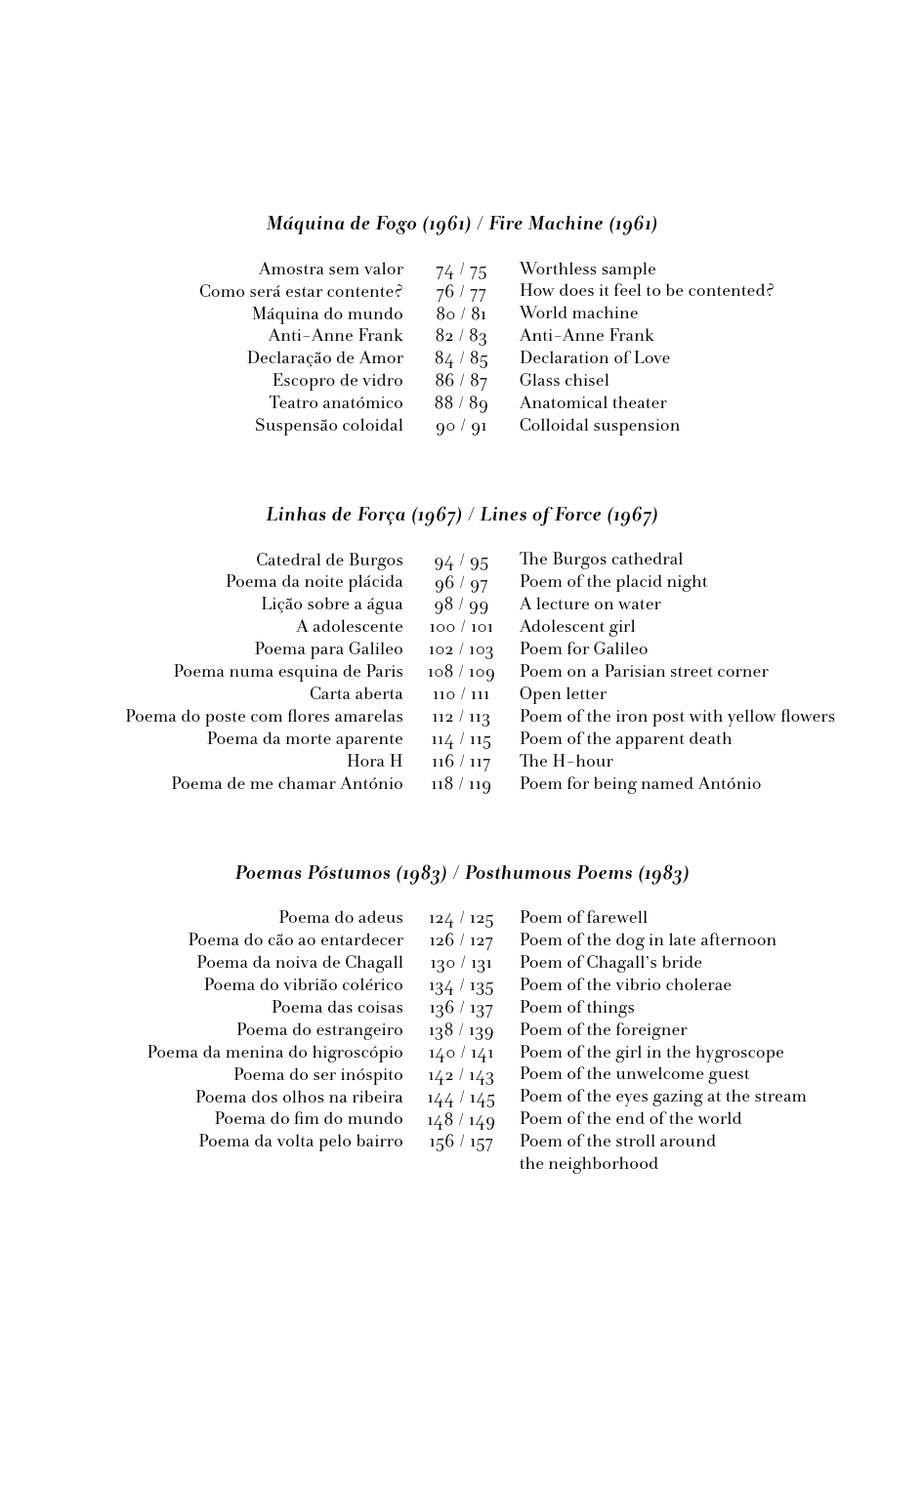 Excerto Da Edição Bilingue Do Livro Poemaspoems De António Gedeão